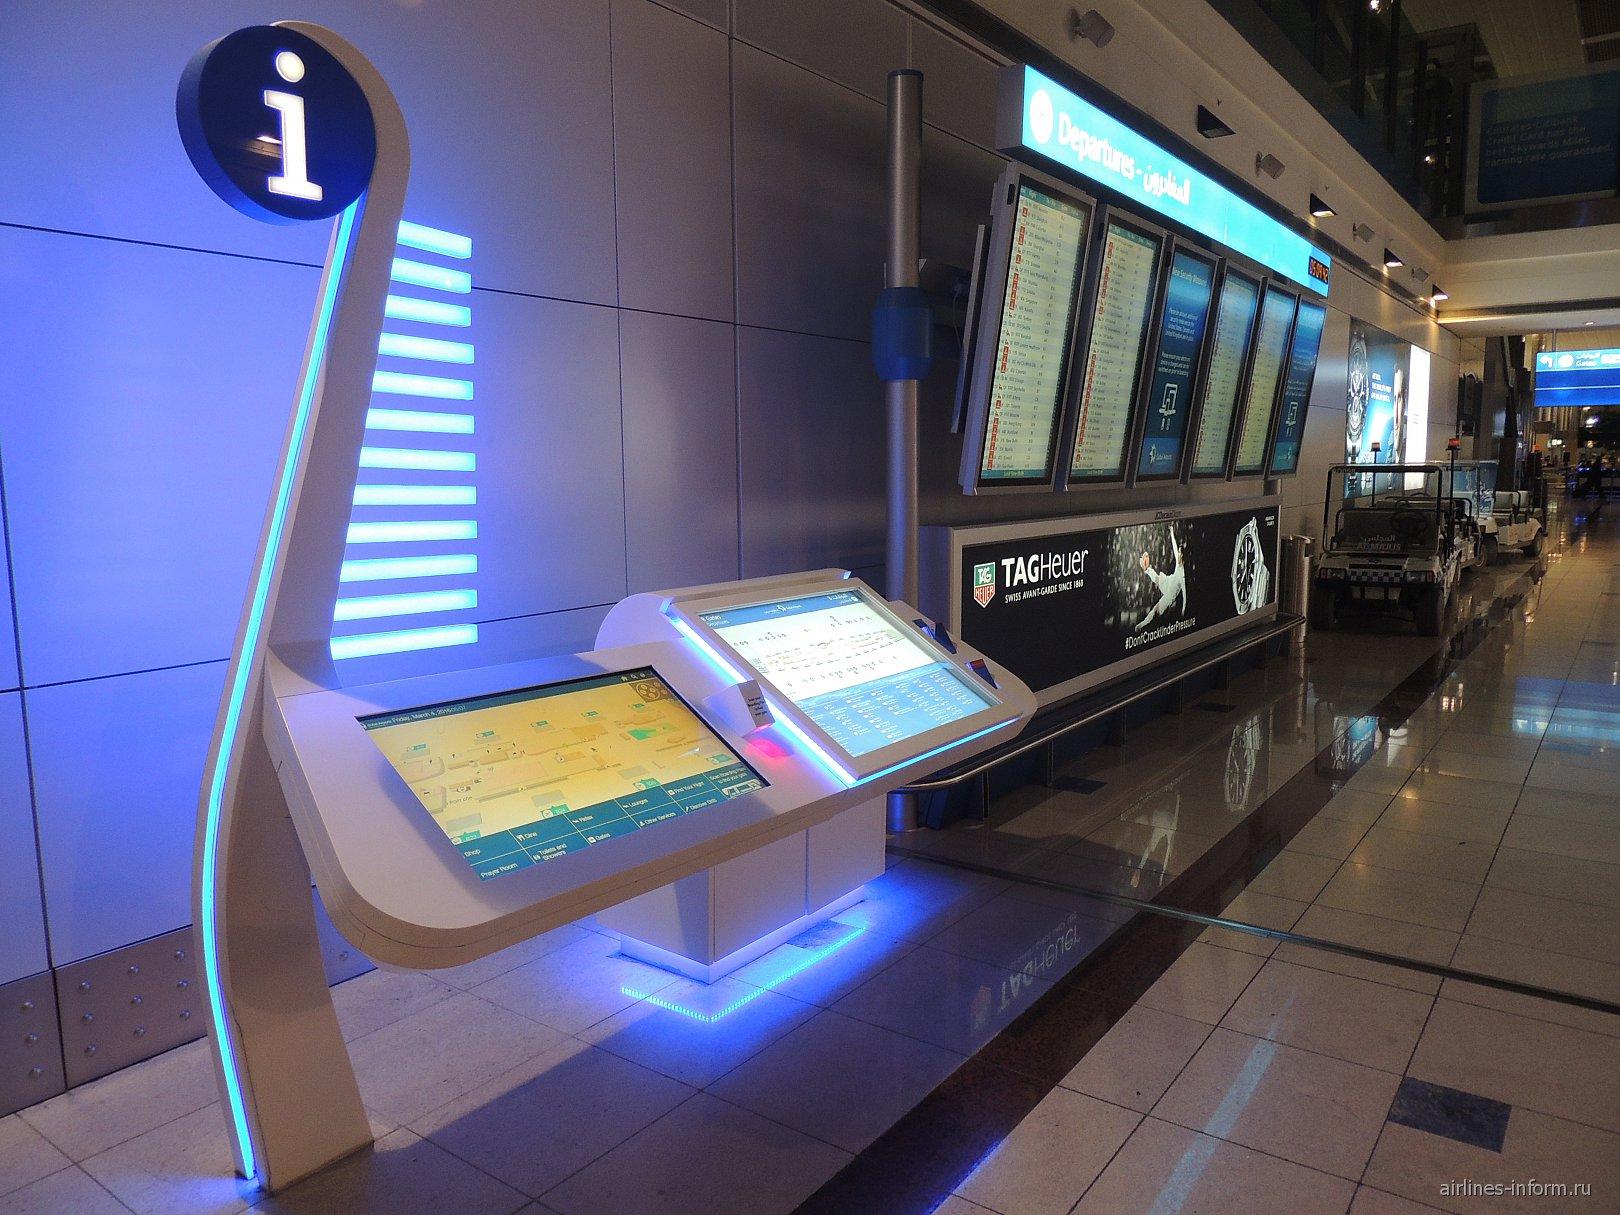 Информационная стойка в аэропорту Дубай